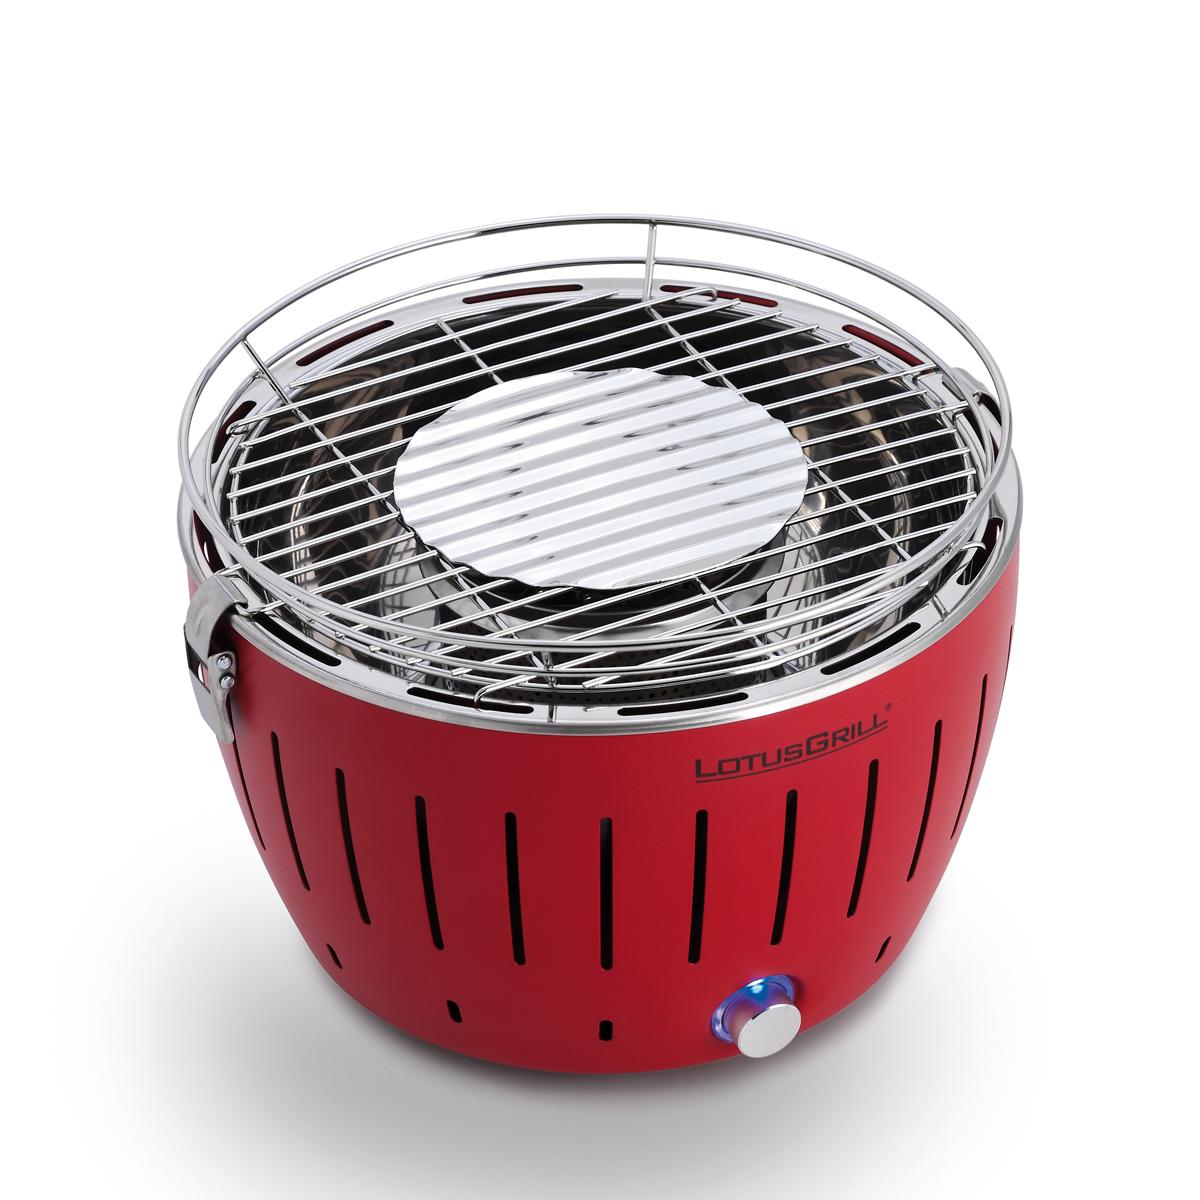 煙が少なく、スピード着火ができる独自構造。煙が少ない火力調節ファン付きロースターで、大人の気楽なBBQができる「炭火焼グリル」(一人キャンプ、ソロBBQに)|Lotus Grill